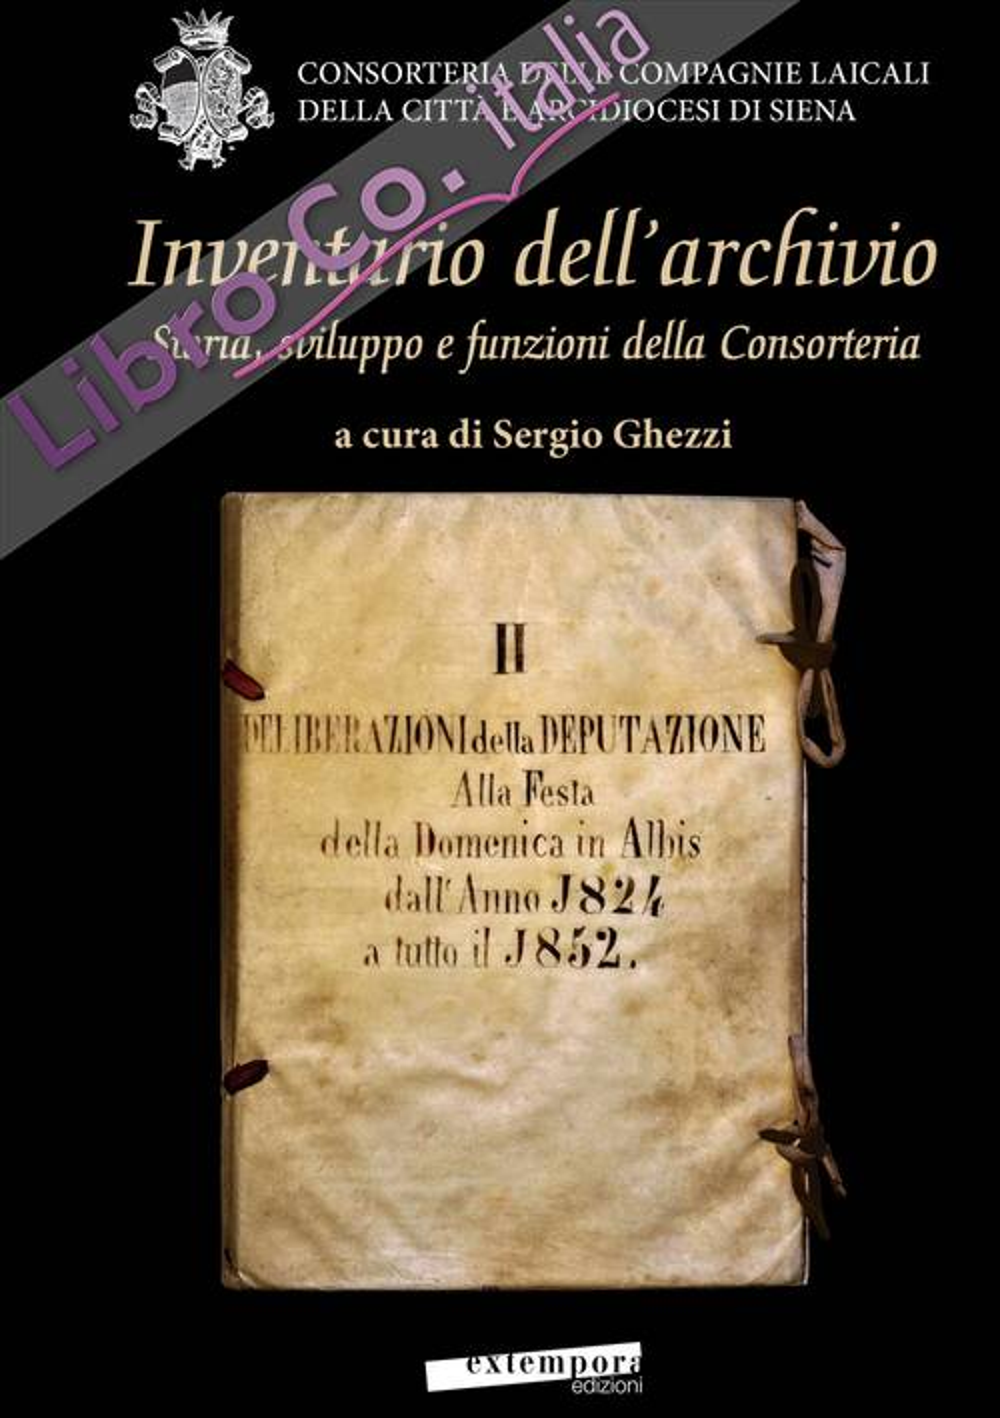 Inventario dell'archivio. Storia, sviluppo e funzioni della Consorteria